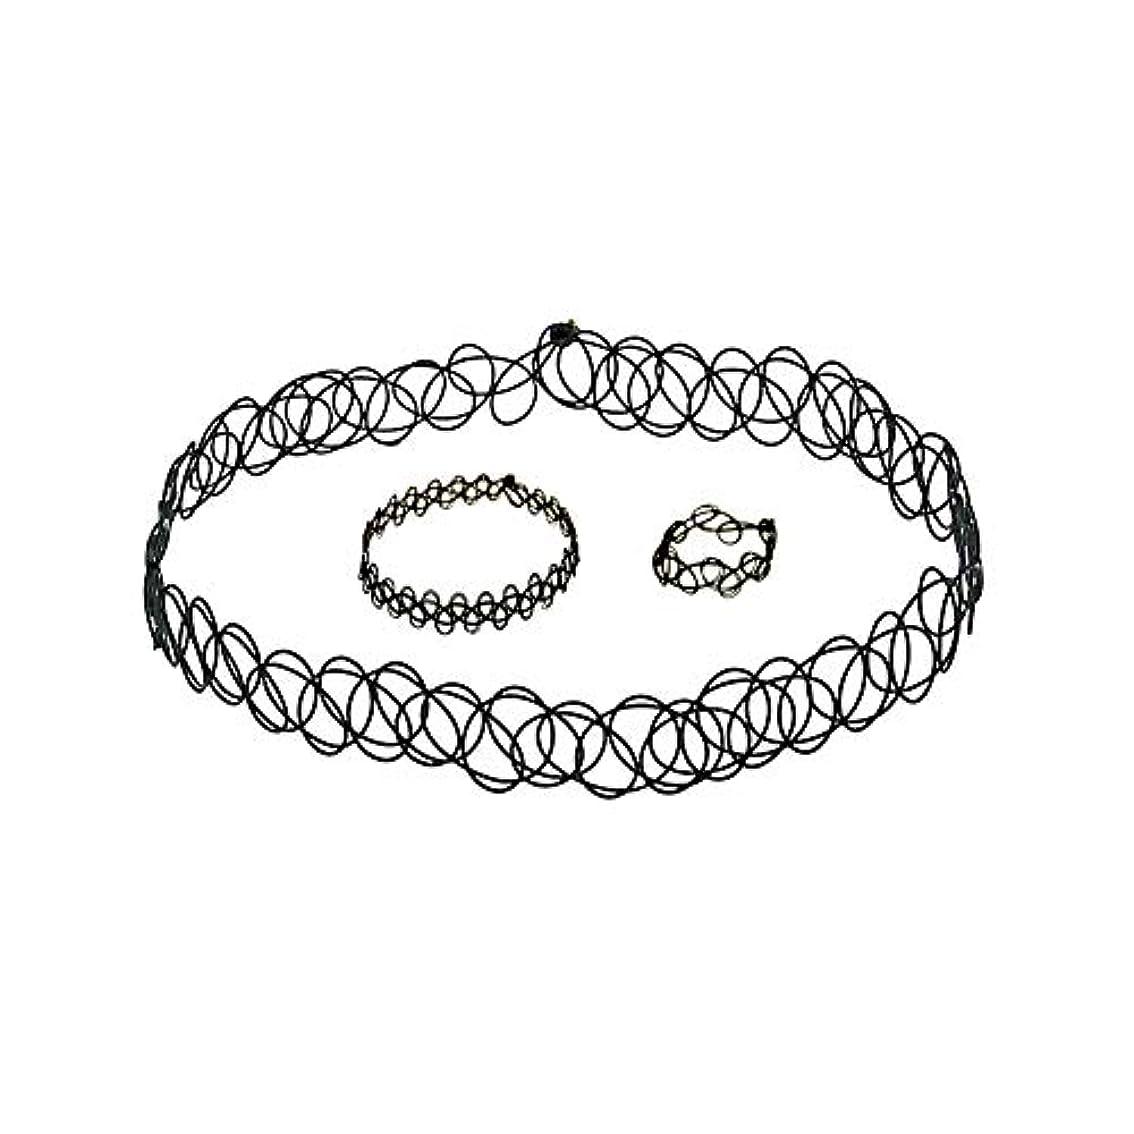 柔らかい足肝嬉しいです3 PCSタトゥーチョーカーゴシックタトゥーヘナセット伸縮ネックレスブレスレットと指輪女性の女の子